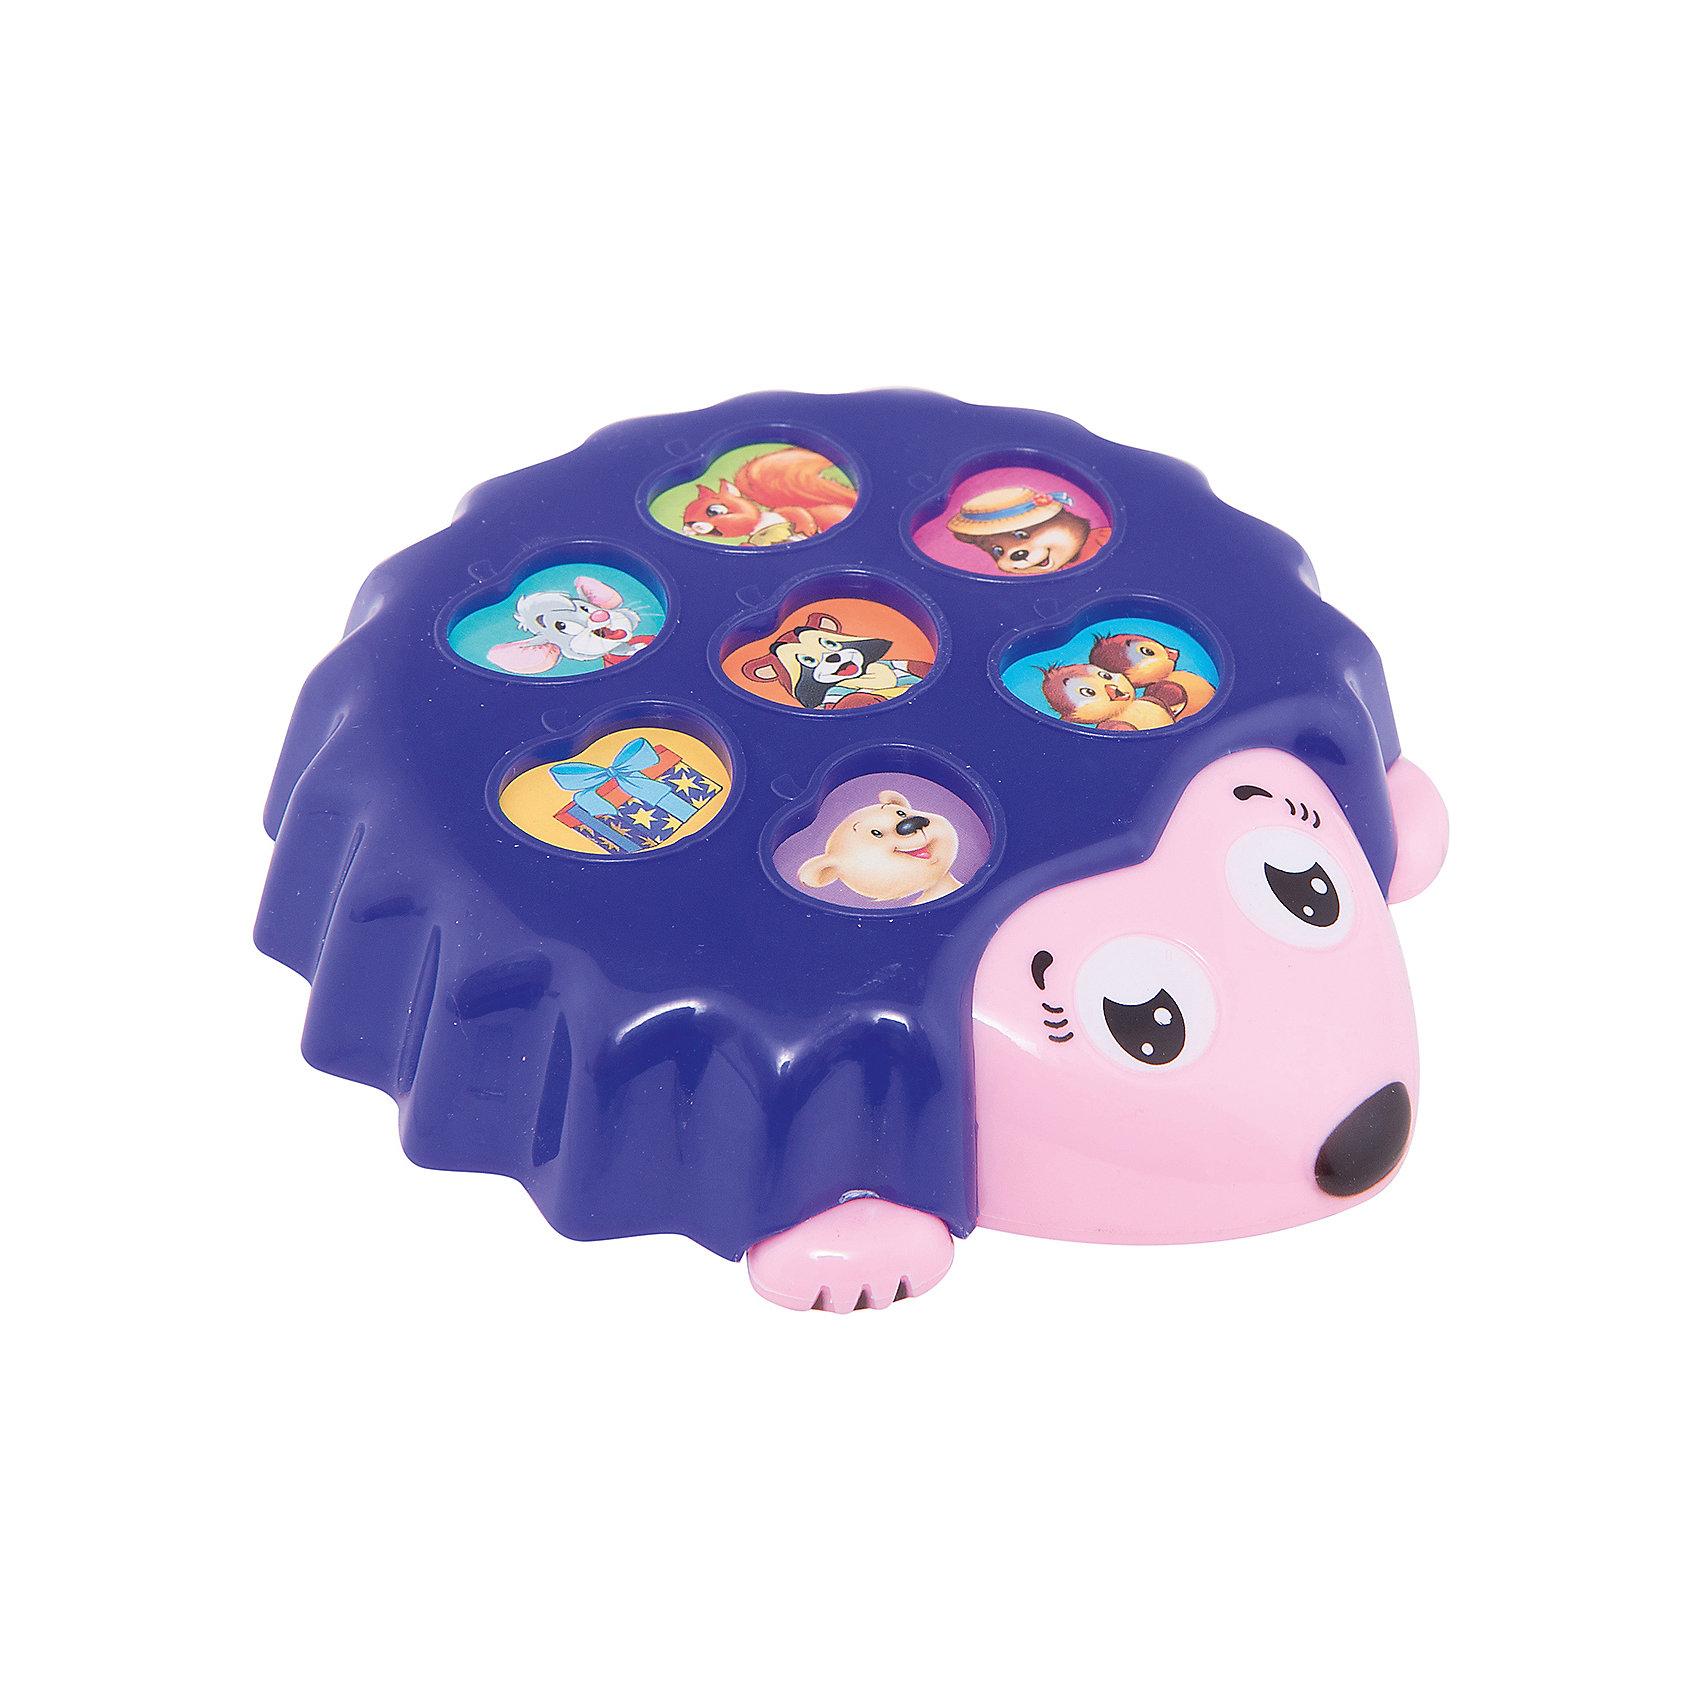 Плеер ЕжикПлеер в виде милого ежика понравится всем малышам! Играй с ярким ежиком, нажимай на кнопочки, слушай любимые мелодии! <br>Прекрасный подарок на любой праздник. <br><br>Дополнительная информация:<br><br>- Материал: пластик. <br>- Размер: 11х11 см. <br>- Элемент питания: ААА батарейки (в комплекте).<br>- Регулировка громкости. <br>- 7 песенок: Улыбка, Песенка мышонка, Пусть бегут неуклюже, Песенка Умки, Сидит белка на тележке, Мишка косолапый, Ладушки-ладушки. <br><br>Плеер Ежик можно купить в нашем магазине.<br><br>Ширина мм: 19<br>Глубина мм: 30<br>Высота мм: 19<br>Вес г: 120<br>Возраст от месяцев: 24<br>Возраст до месяцев: 48<br>Пол: Унисекс<br>Возраст: Детский<br>SKU: 4951743